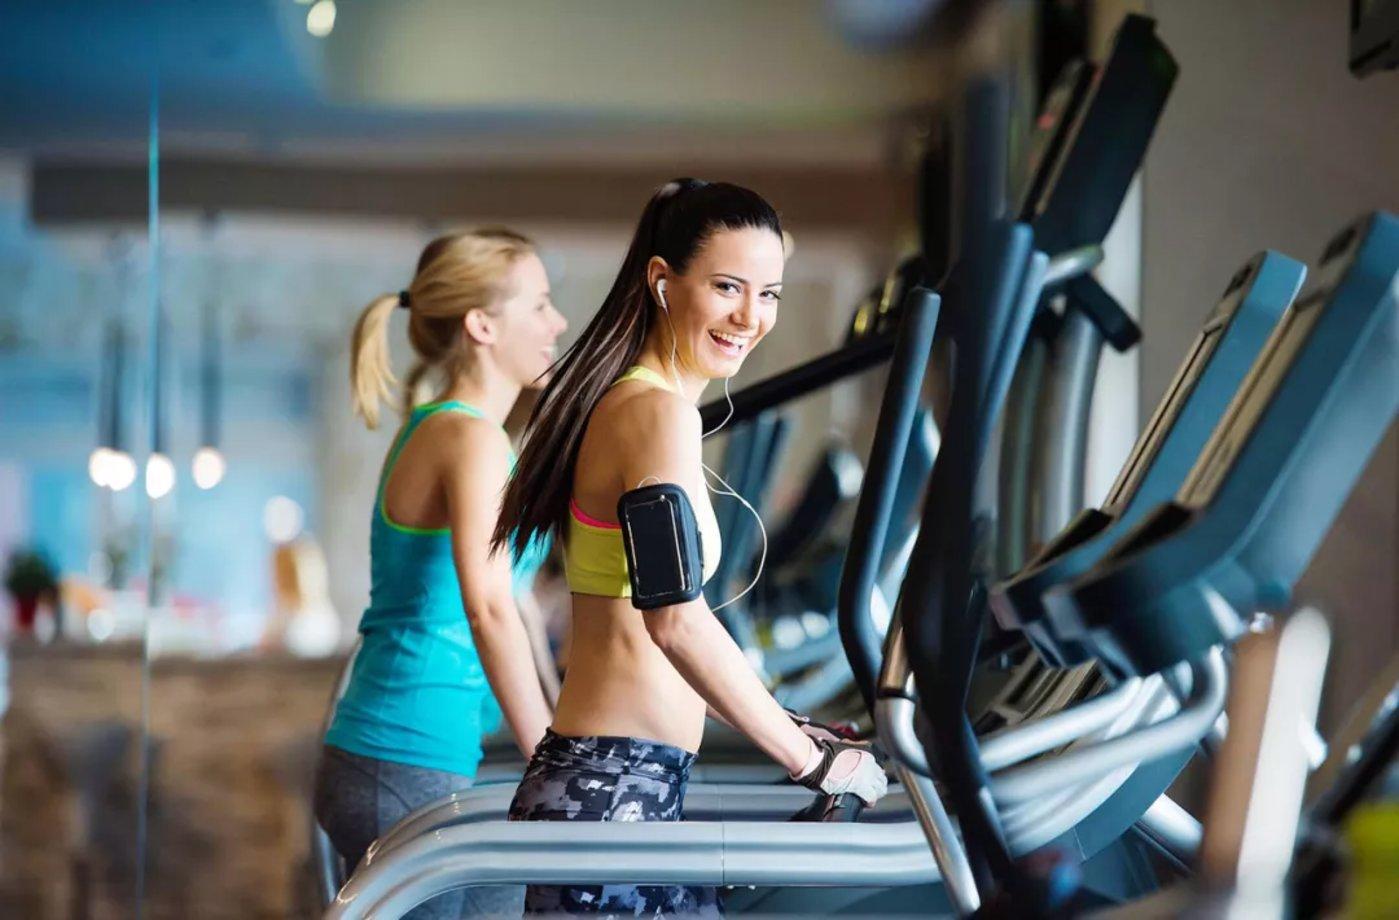 女性客户是健身房的消费主体 图片来源:Alamy Stock Photo